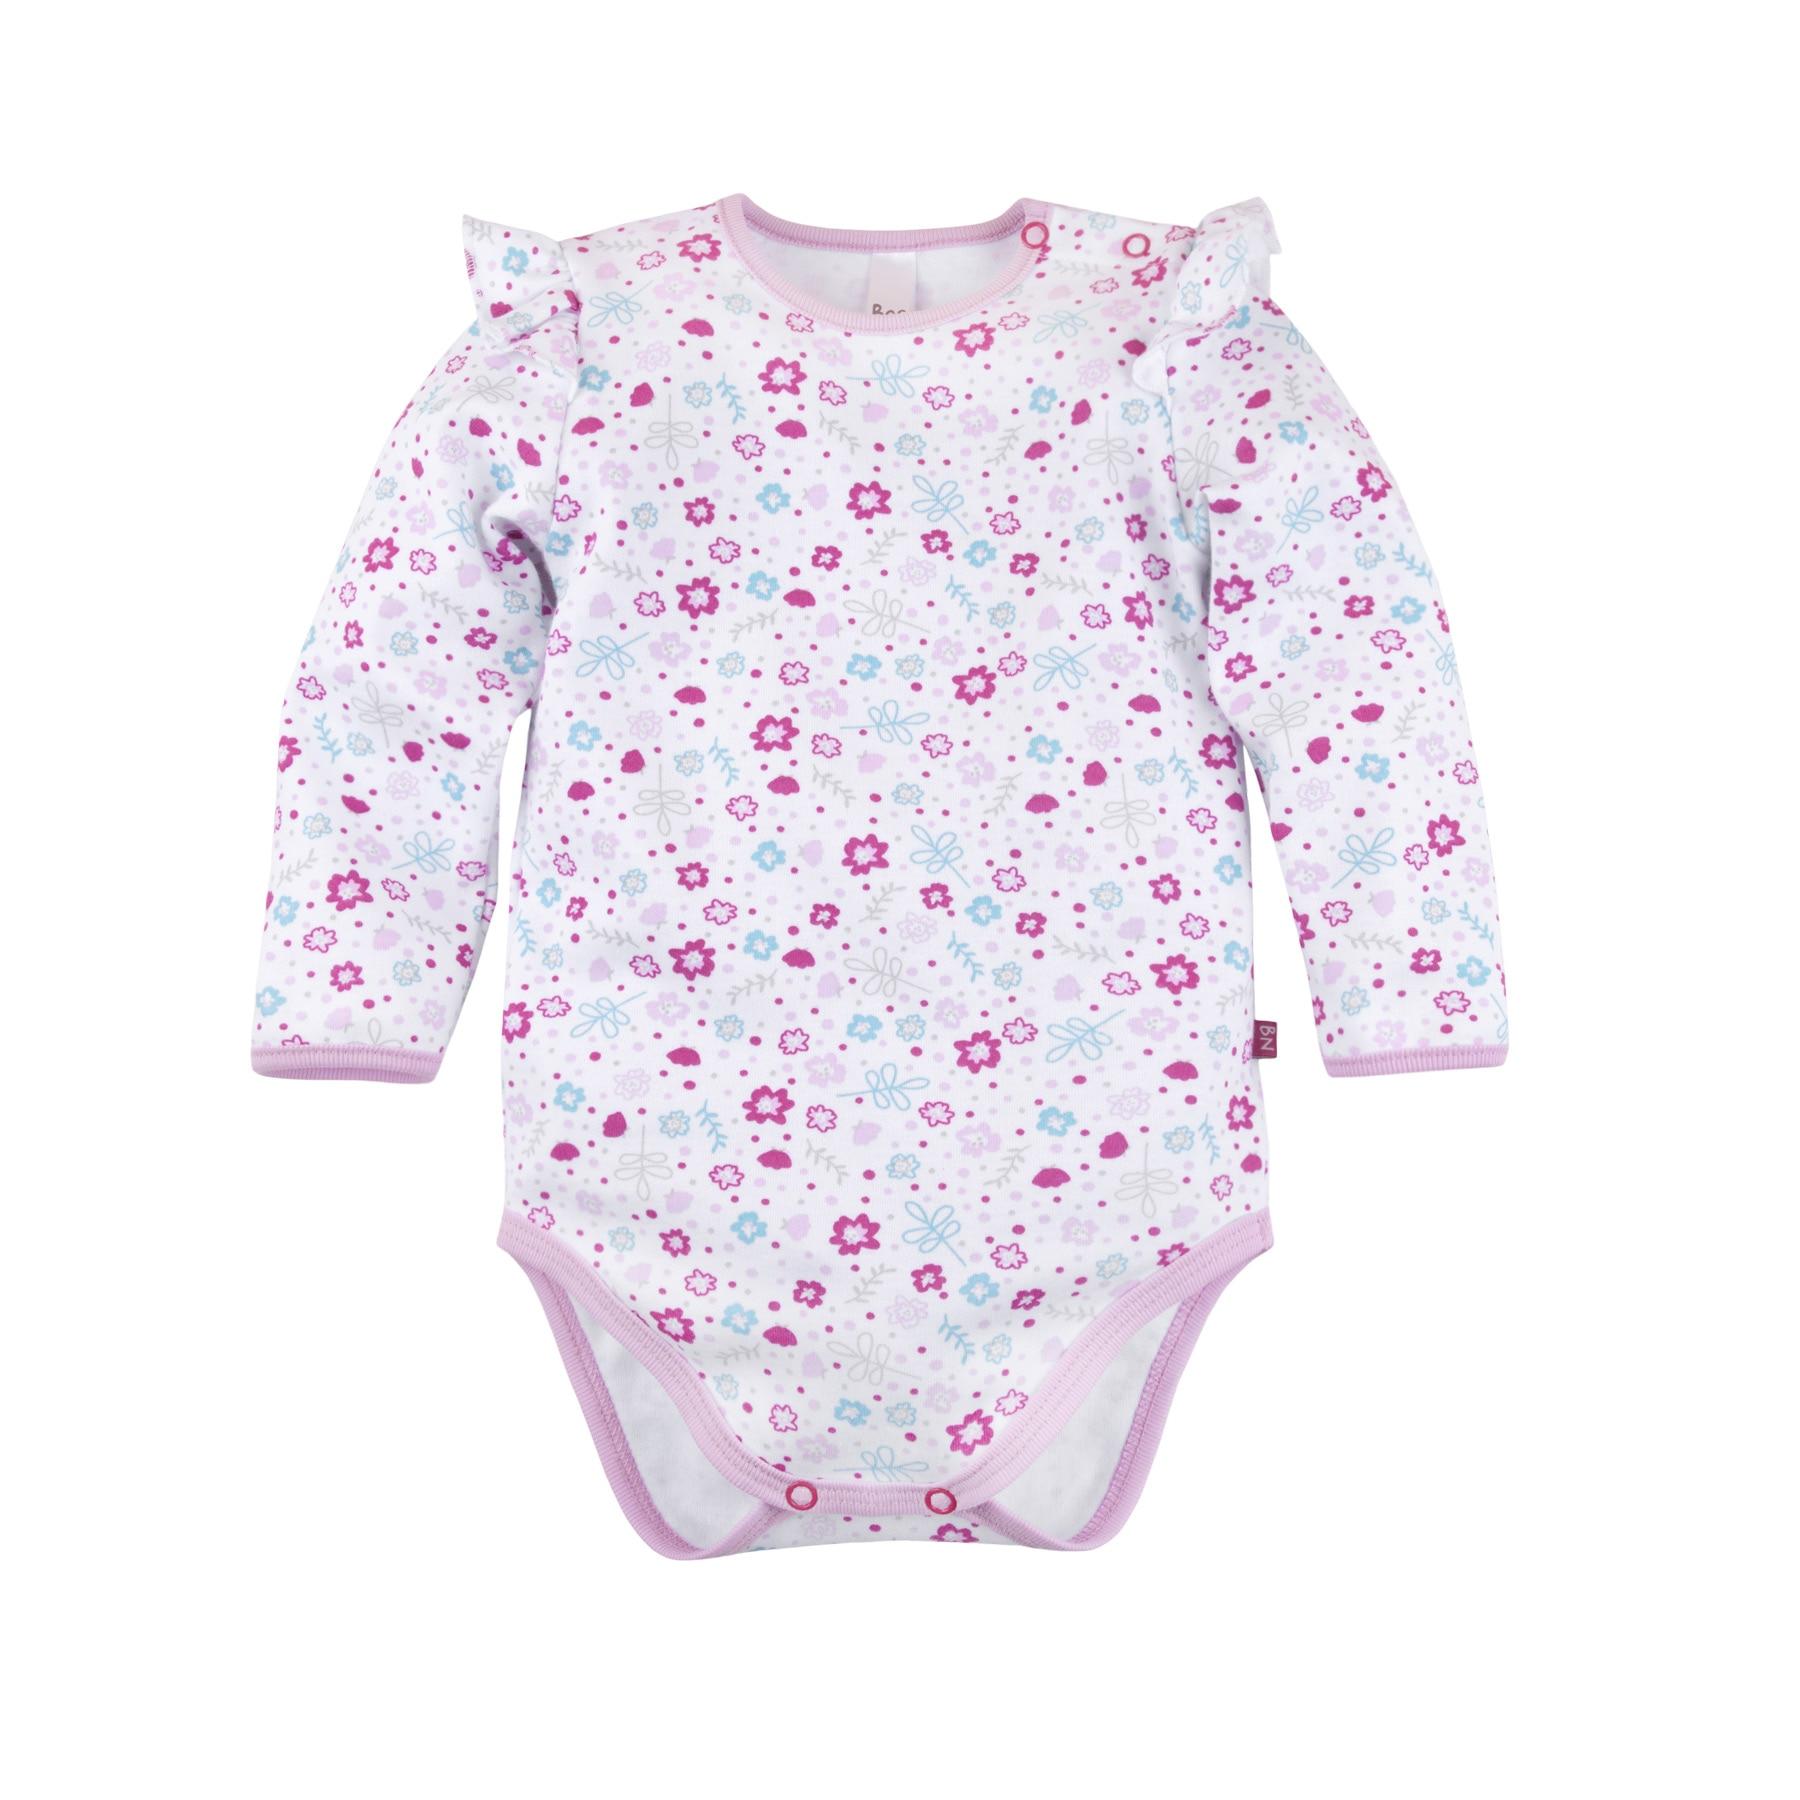 Bodysuit long sleeve \ Violet \ NOVA BOSSA 581Б-371 bodysuit short sleeve